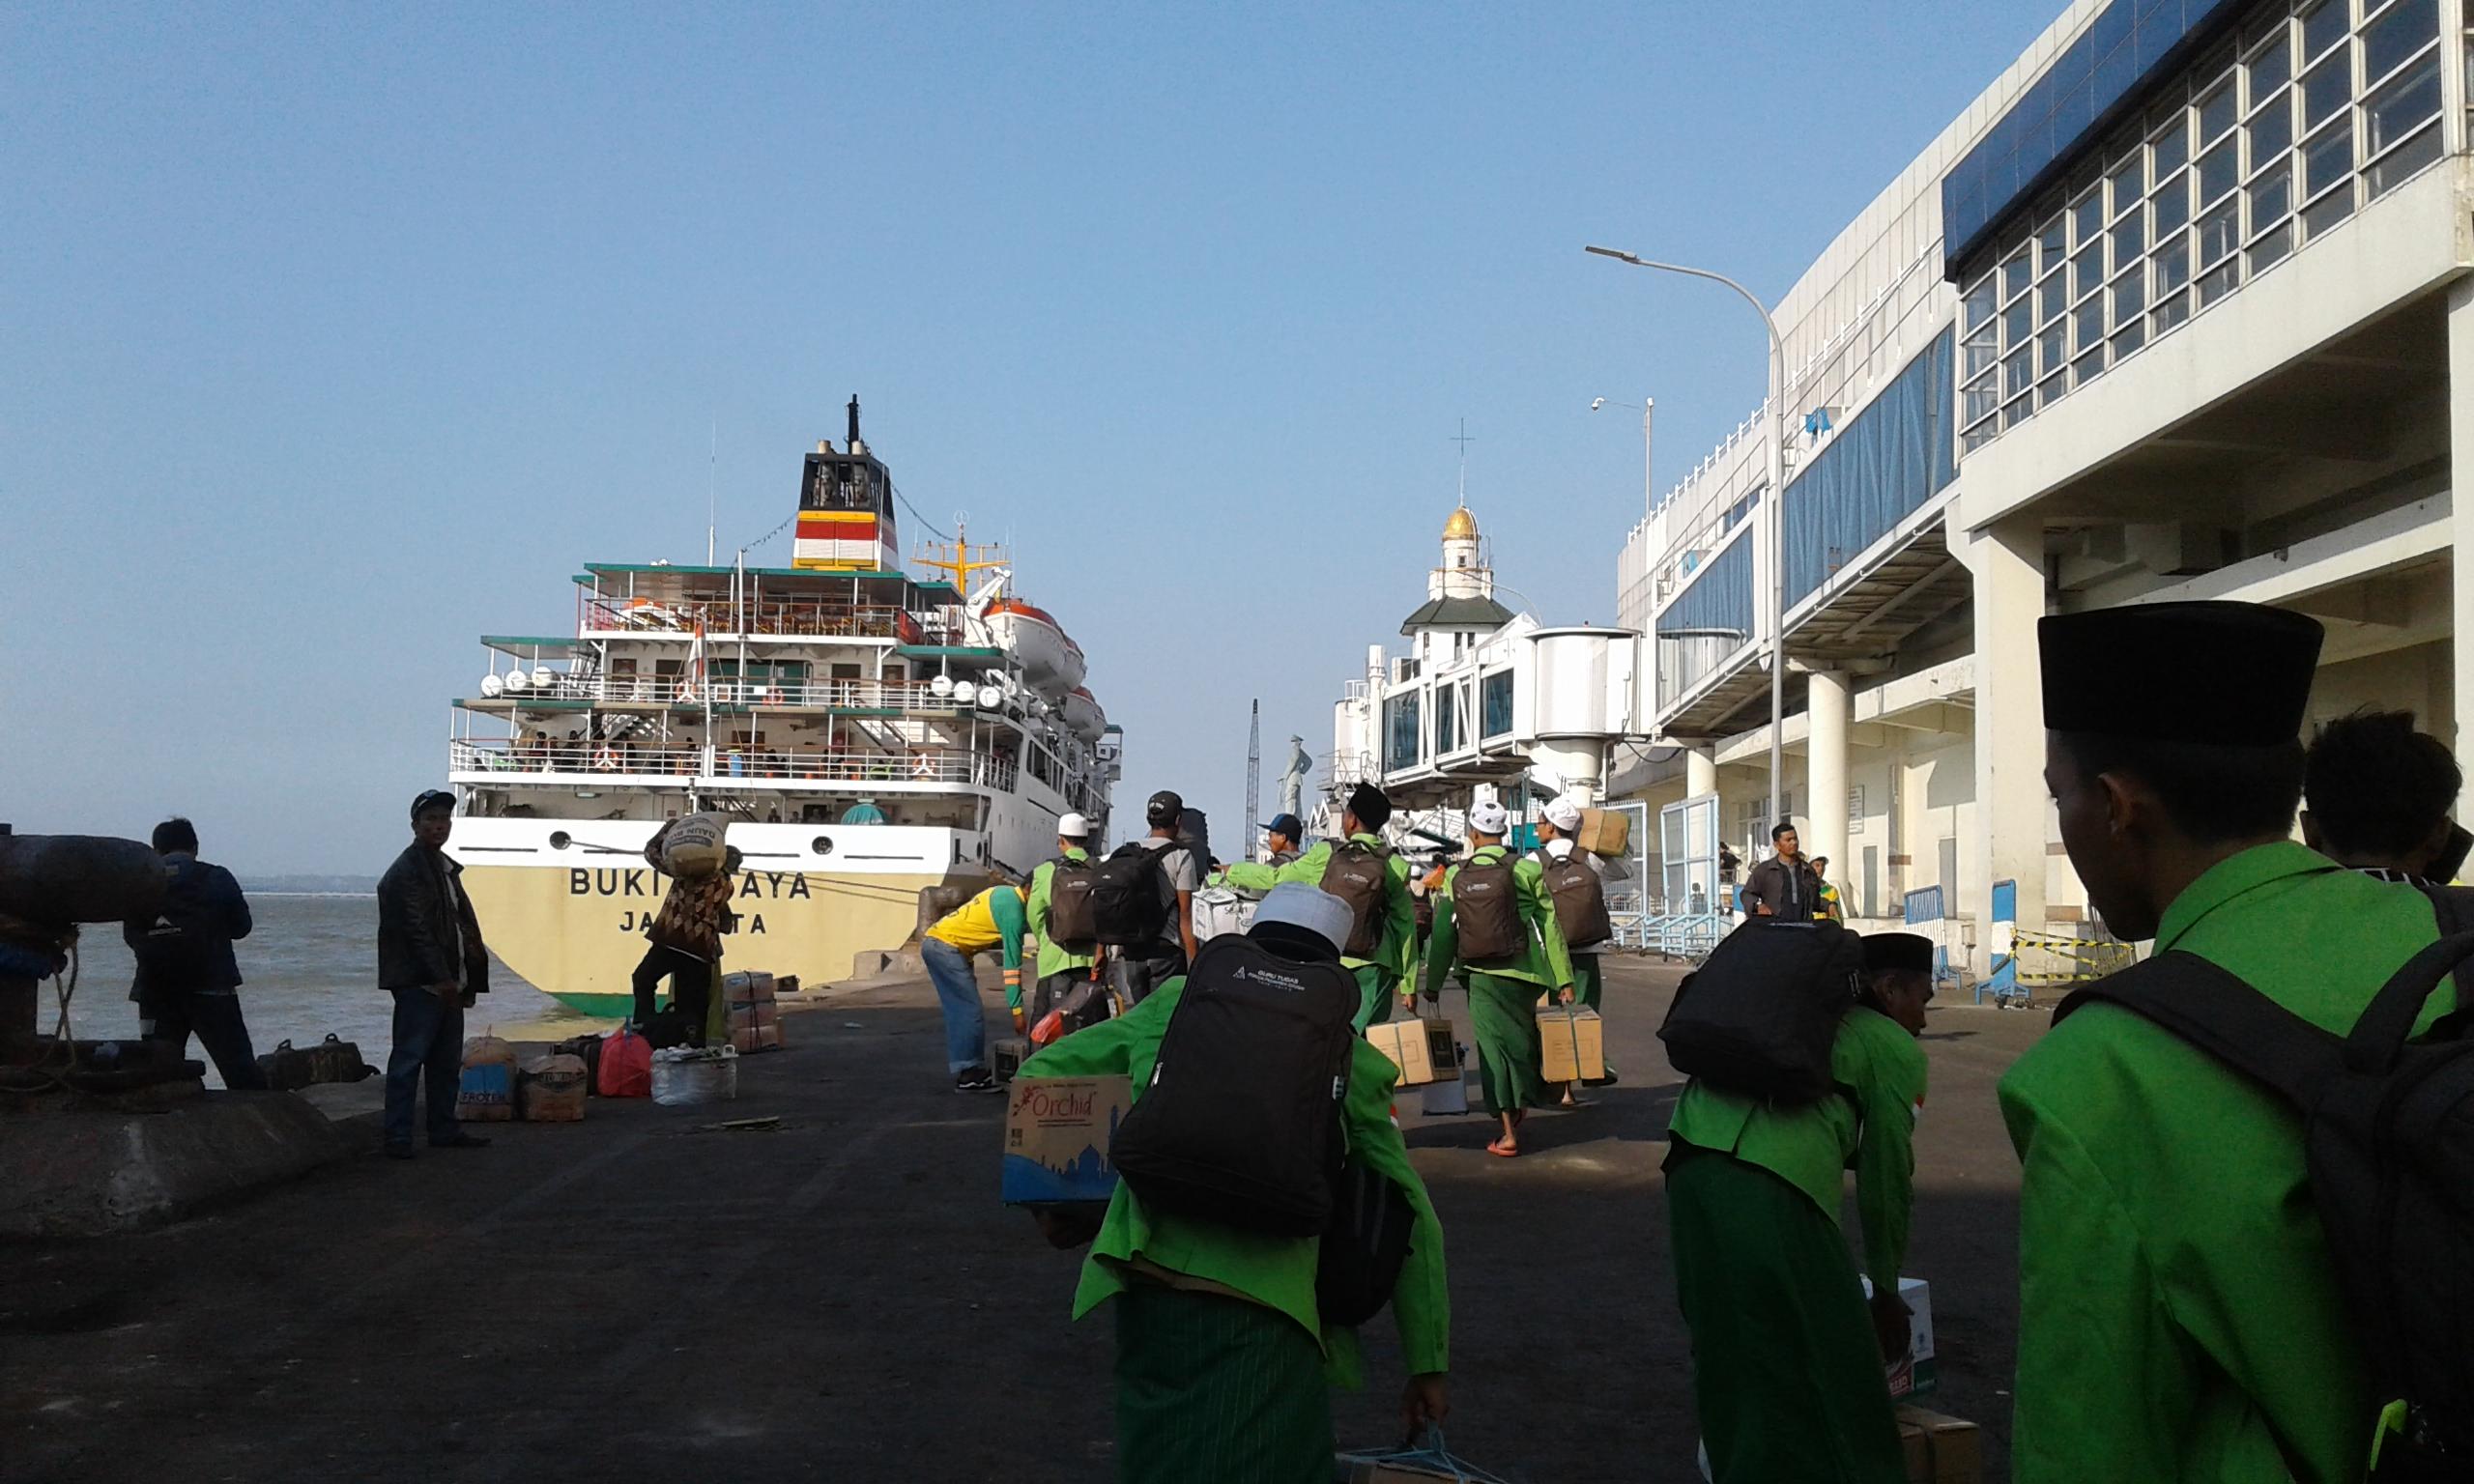 Tadi sore, Guru tugas Sidogiri wilayah Kalimantan Barat, sedang menuju ke kapalnya.